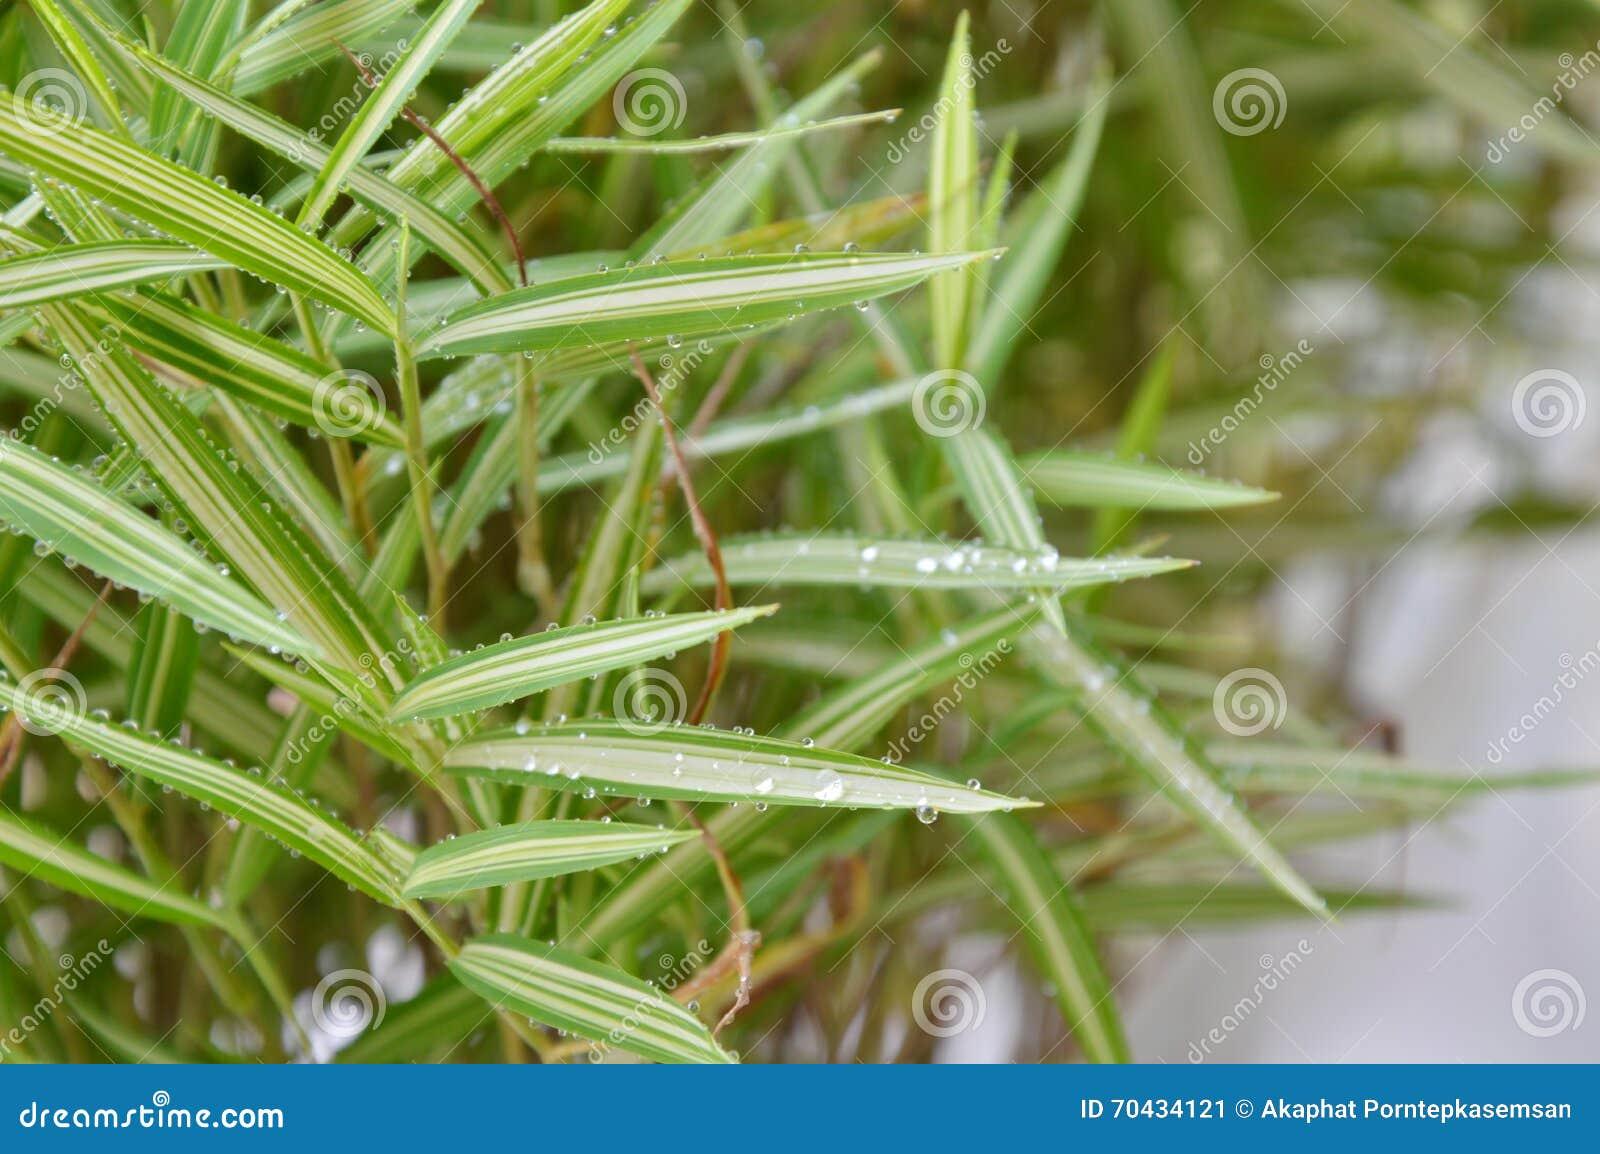 Hierba de bamb del seto para el gato de alimentaci n en for Ahuyentar gatos del jardin